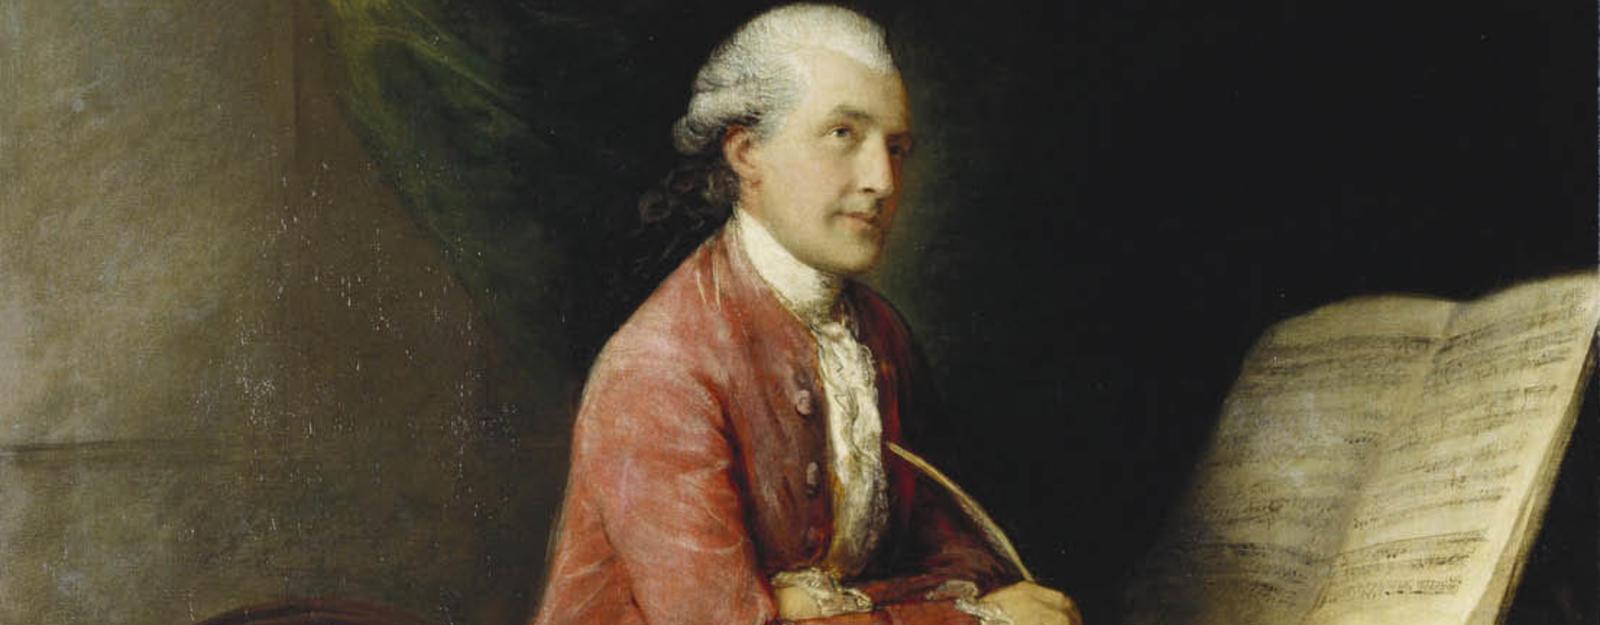 Johann Christian Fischer (1733-1800)